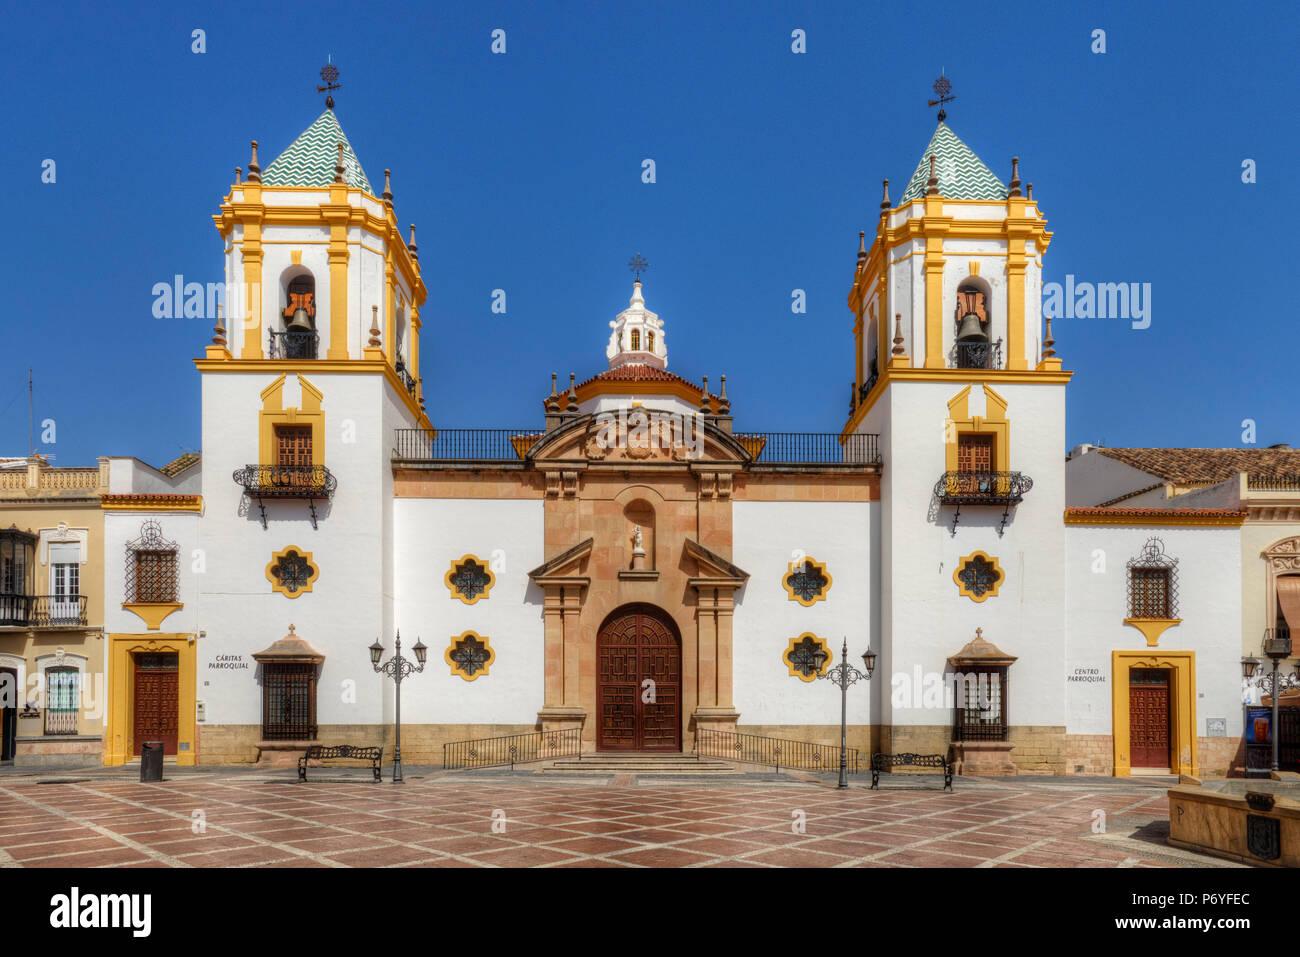 The Socorro Church in Ronda at Plaza del Socorro, Andalusia, Spain - Stock Image